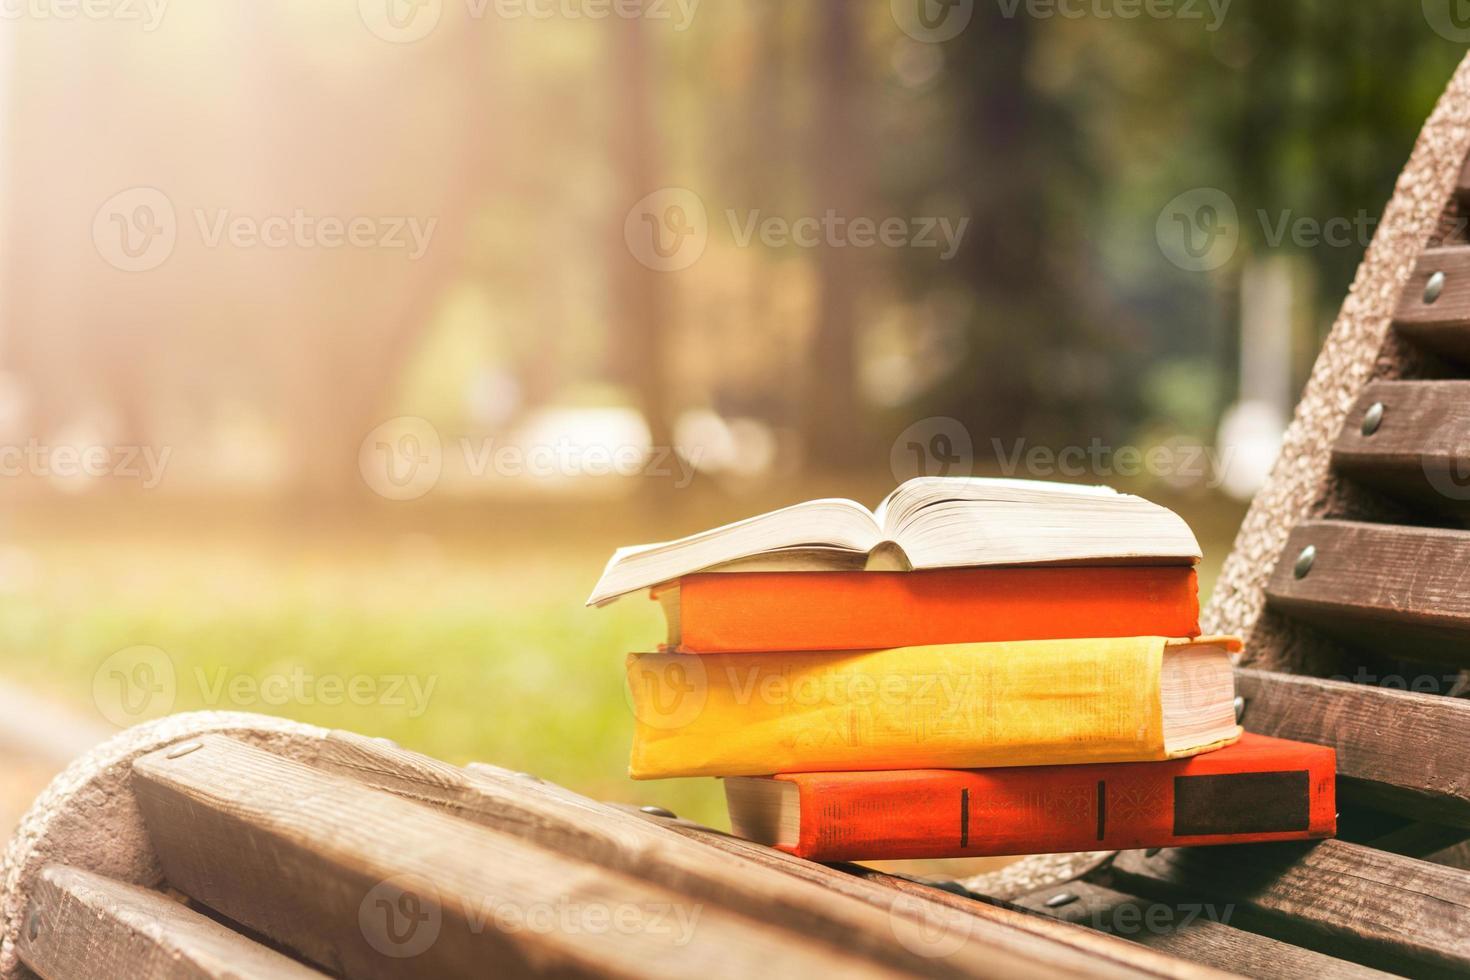 Stapel Hardcover-Buch, offenes Buch auf einer Bank liegend foto